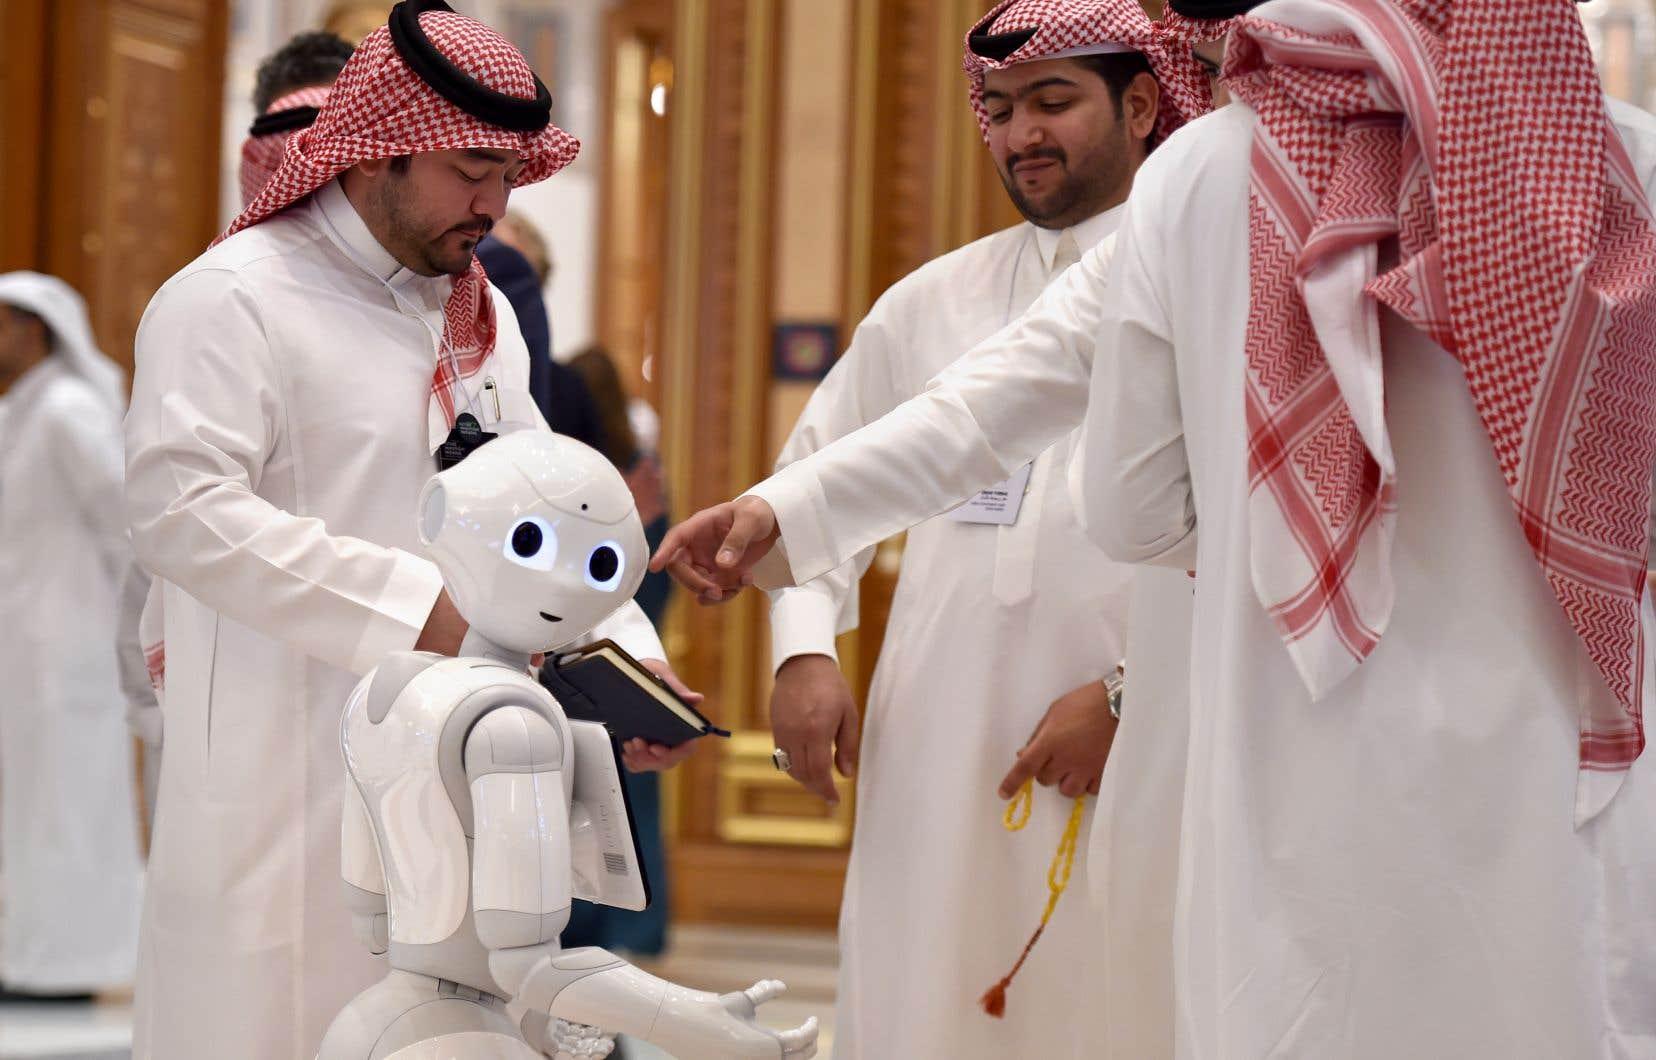 Cette année, des milliers de délégués venant d'une trentaine de pays ont afflué à Riyad pour la troisième édition et l'ambiance contraste avec celle de l'année dernière.